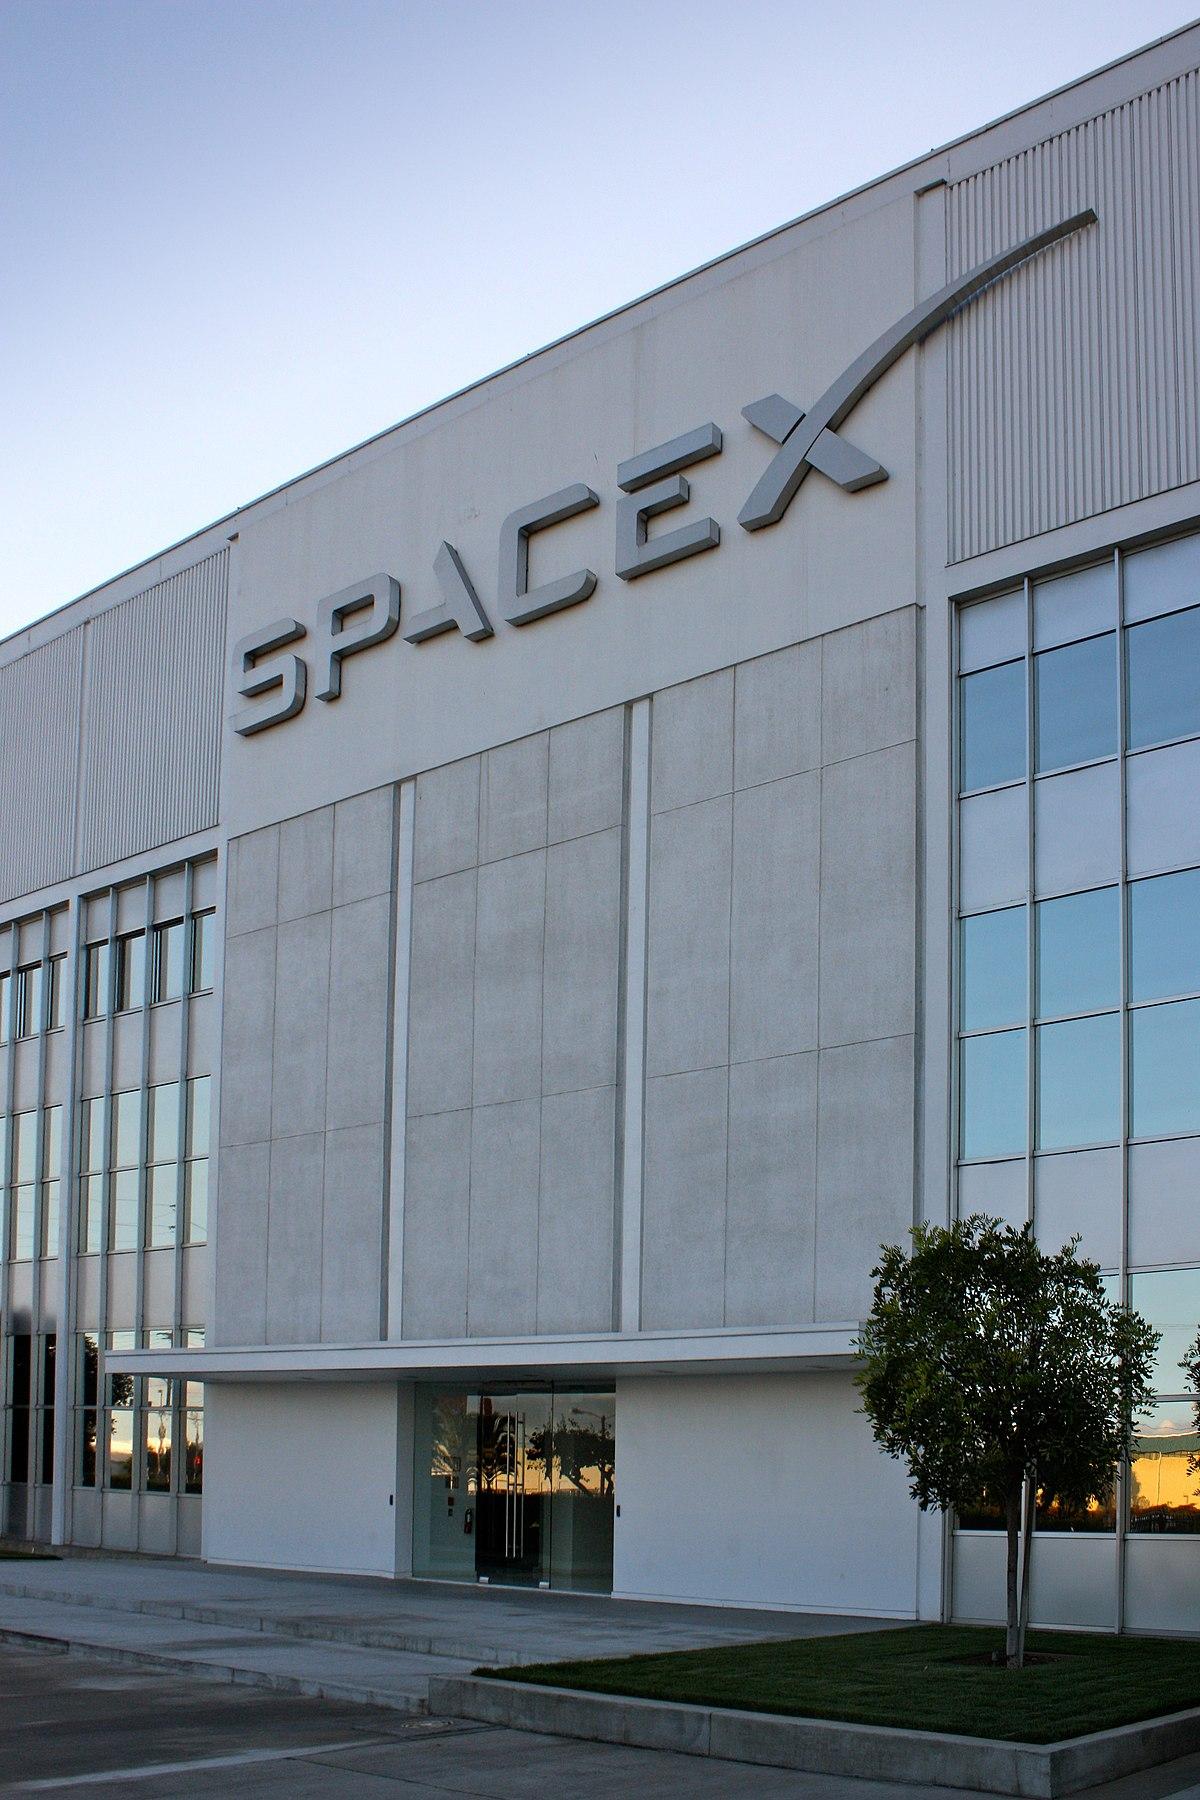 spacex  u2014 wikip u00e9dia